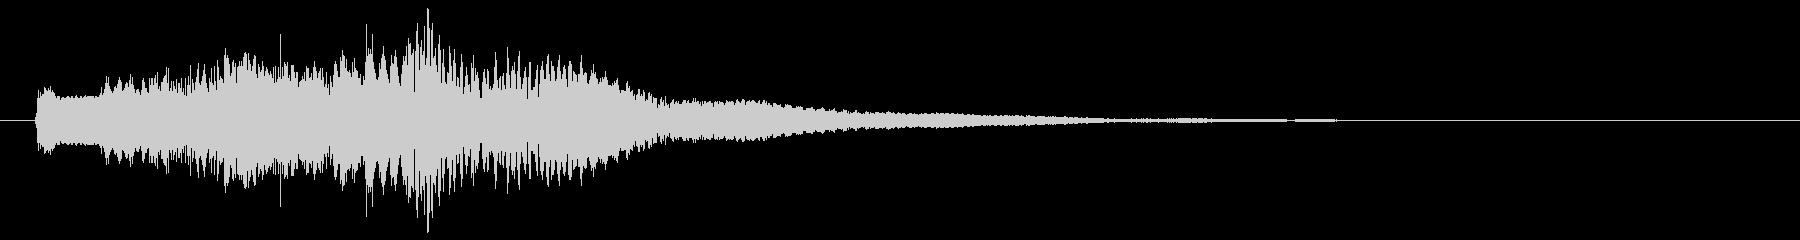 シタールが奏でるアラビアン調のジングルの未再生の波形